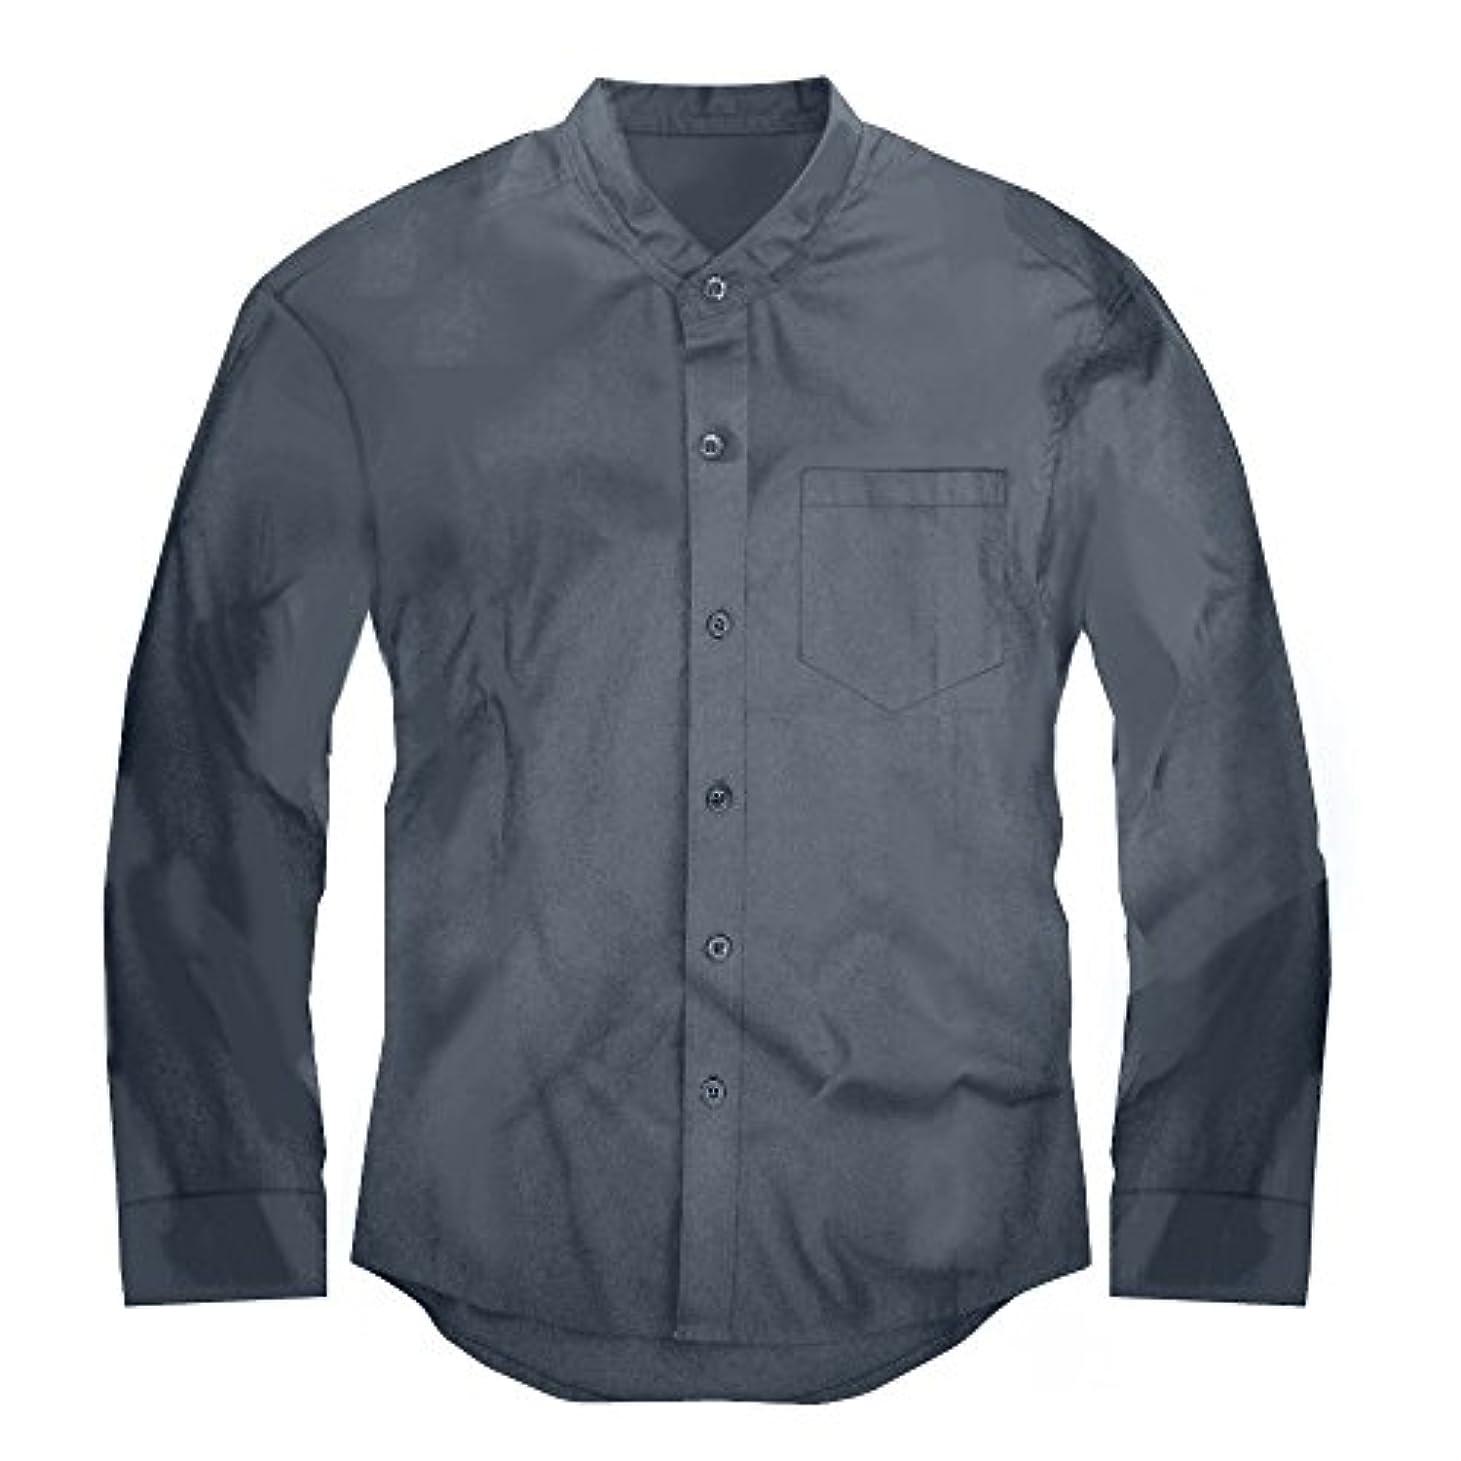 申し込むトラック注目すべきスワンユニオン swanunion メンズ Yシャツ 襟なし バンドカラー 長袖 シャツ 無地 グレー 灰 f142-men